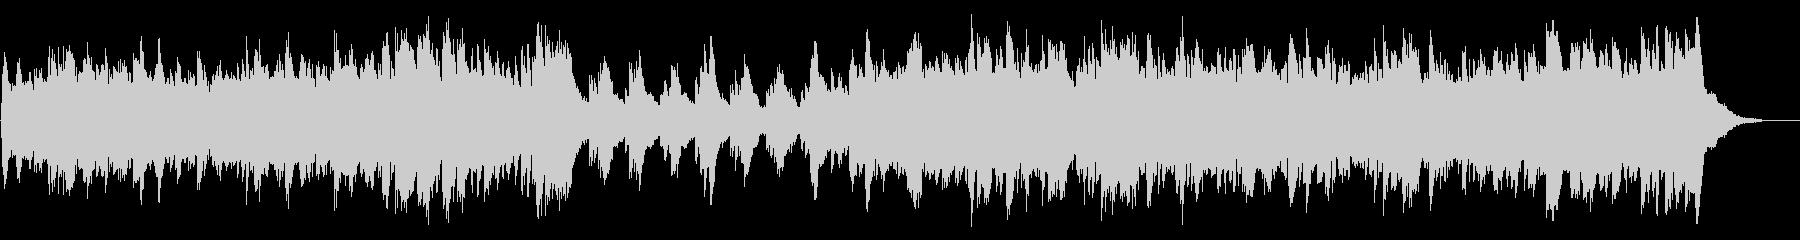 静かな冬のイメージのピアノのBGMの未再生の波形